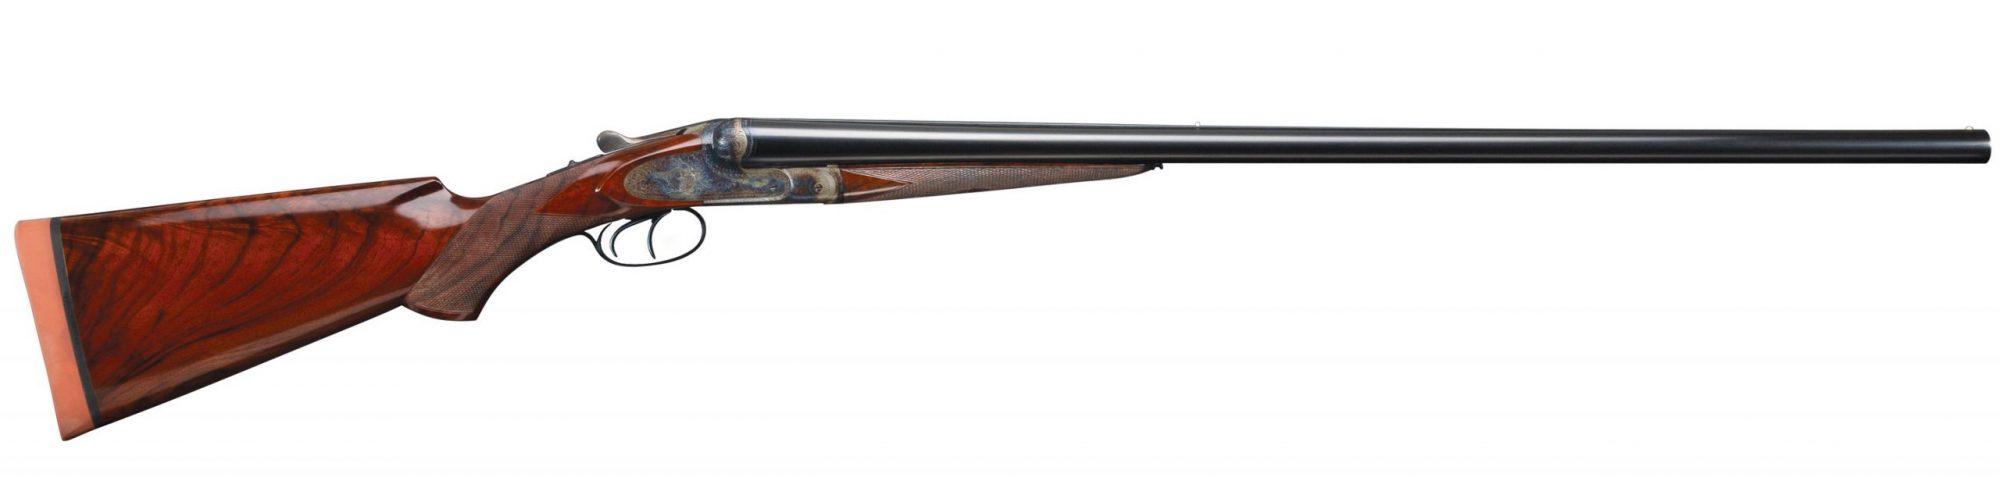 Photo of a Francotte Belgian 12 gauge side by side shotgun after restoration performed by Turnbull Restoration